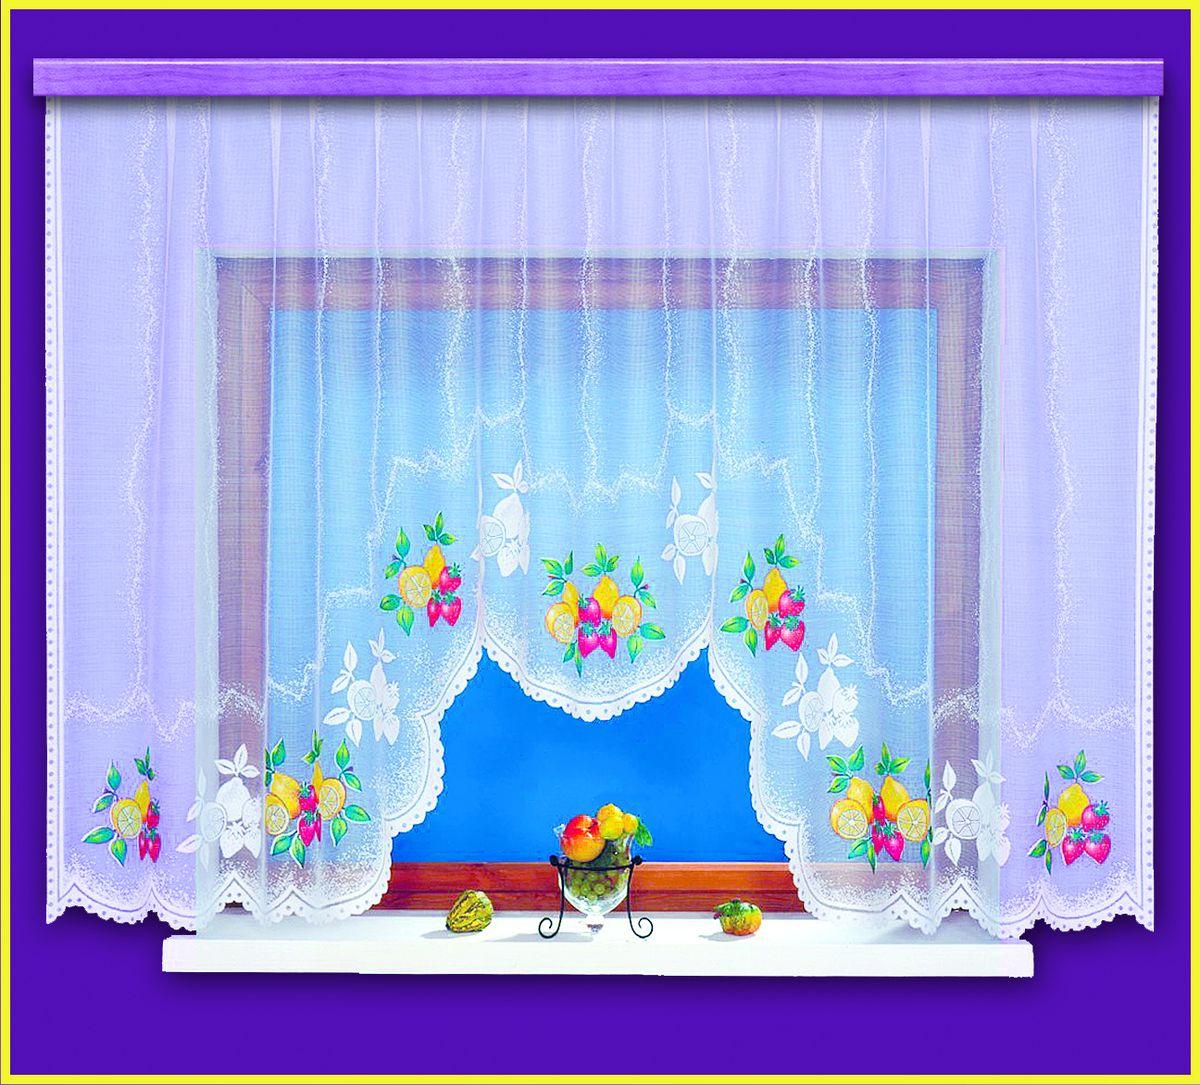 Гардина для кухни Haft Ozdoba Kuchni, цвет: белый, высота 160 см. 99220/16099220/160Воздушная гардина Haft Ozdoba Kuchni, изготовленная из полиэстера белого цвета, станет великолепным украшением любого окна. Оригинальный фруктовый рисунок, украшающий нижний край гардины, и нежная ажурная фактура материала привлекут к себе внимание и органично впишутся в интерьер комнаты. В гардину вшита шторная лента. Размер гардины: 160 х 300 см. Текстильная компания Haft имеет богатую историю. Основанная в 1878 году в Польше, эта фирма зарекомендовала себя в качестве одного из лидеров текстильной промышленности в Европе. Еще в начале XX века фабрика Haft производила 90% всех текстильных изделий в своей стране, с годами производство расширялось, накопленный опыт позволял наиболее выгодно использовать развивающиеся технологии. Главный ассортимент компании - это тюль и занавески. Haft предлагает готовые решения для ваших окон, выпуская готовые наборы штор, которые остается только распаковать и повесить. Модельный ряд отличает оригинальный дизайн, высокое...